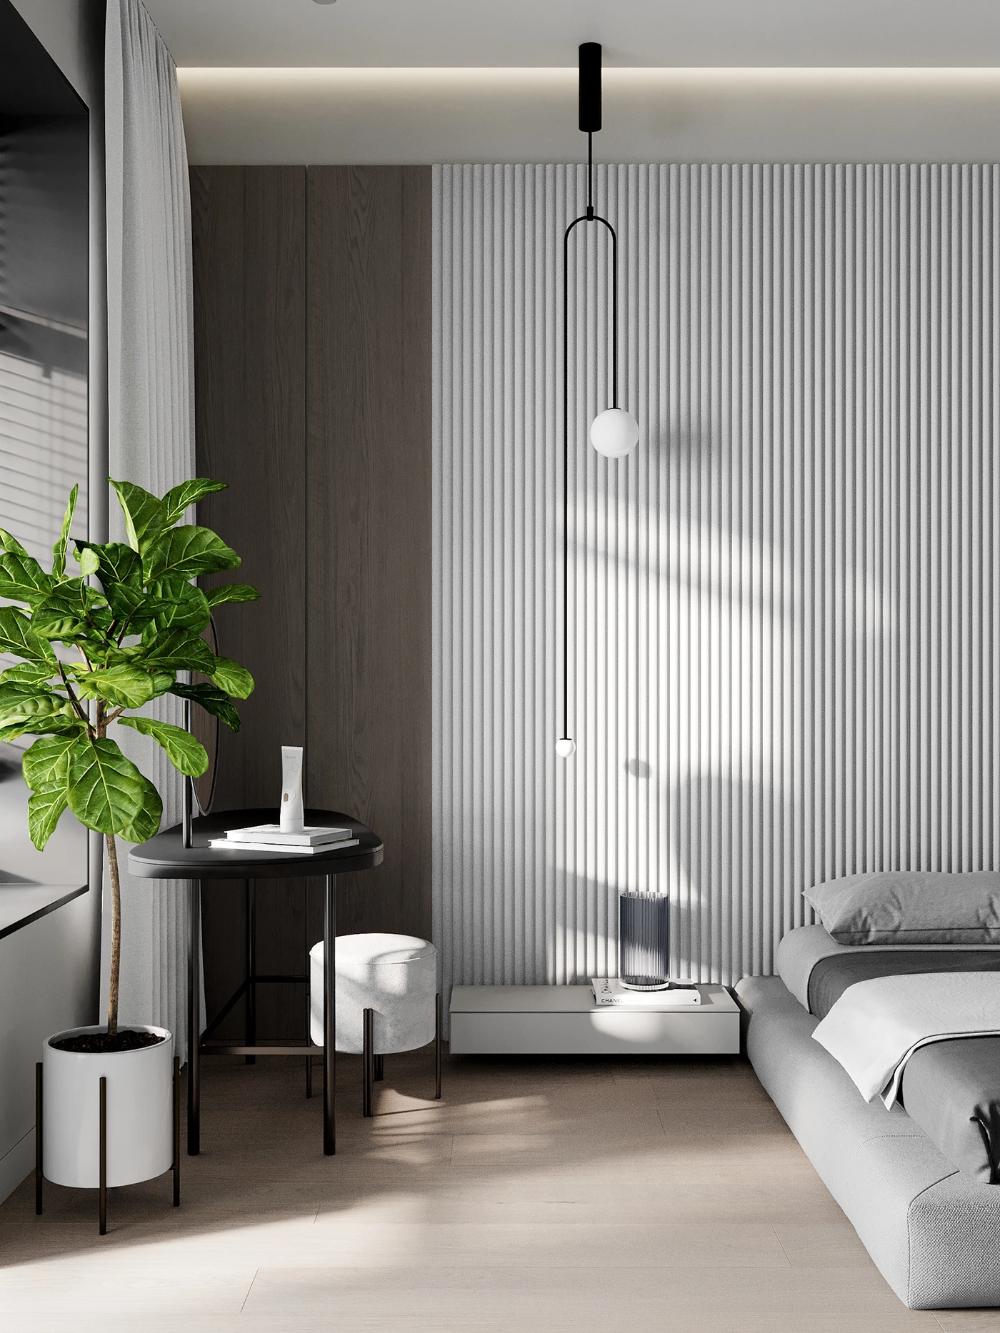 mobile chandelier pendant – mooielight in 2020   interior